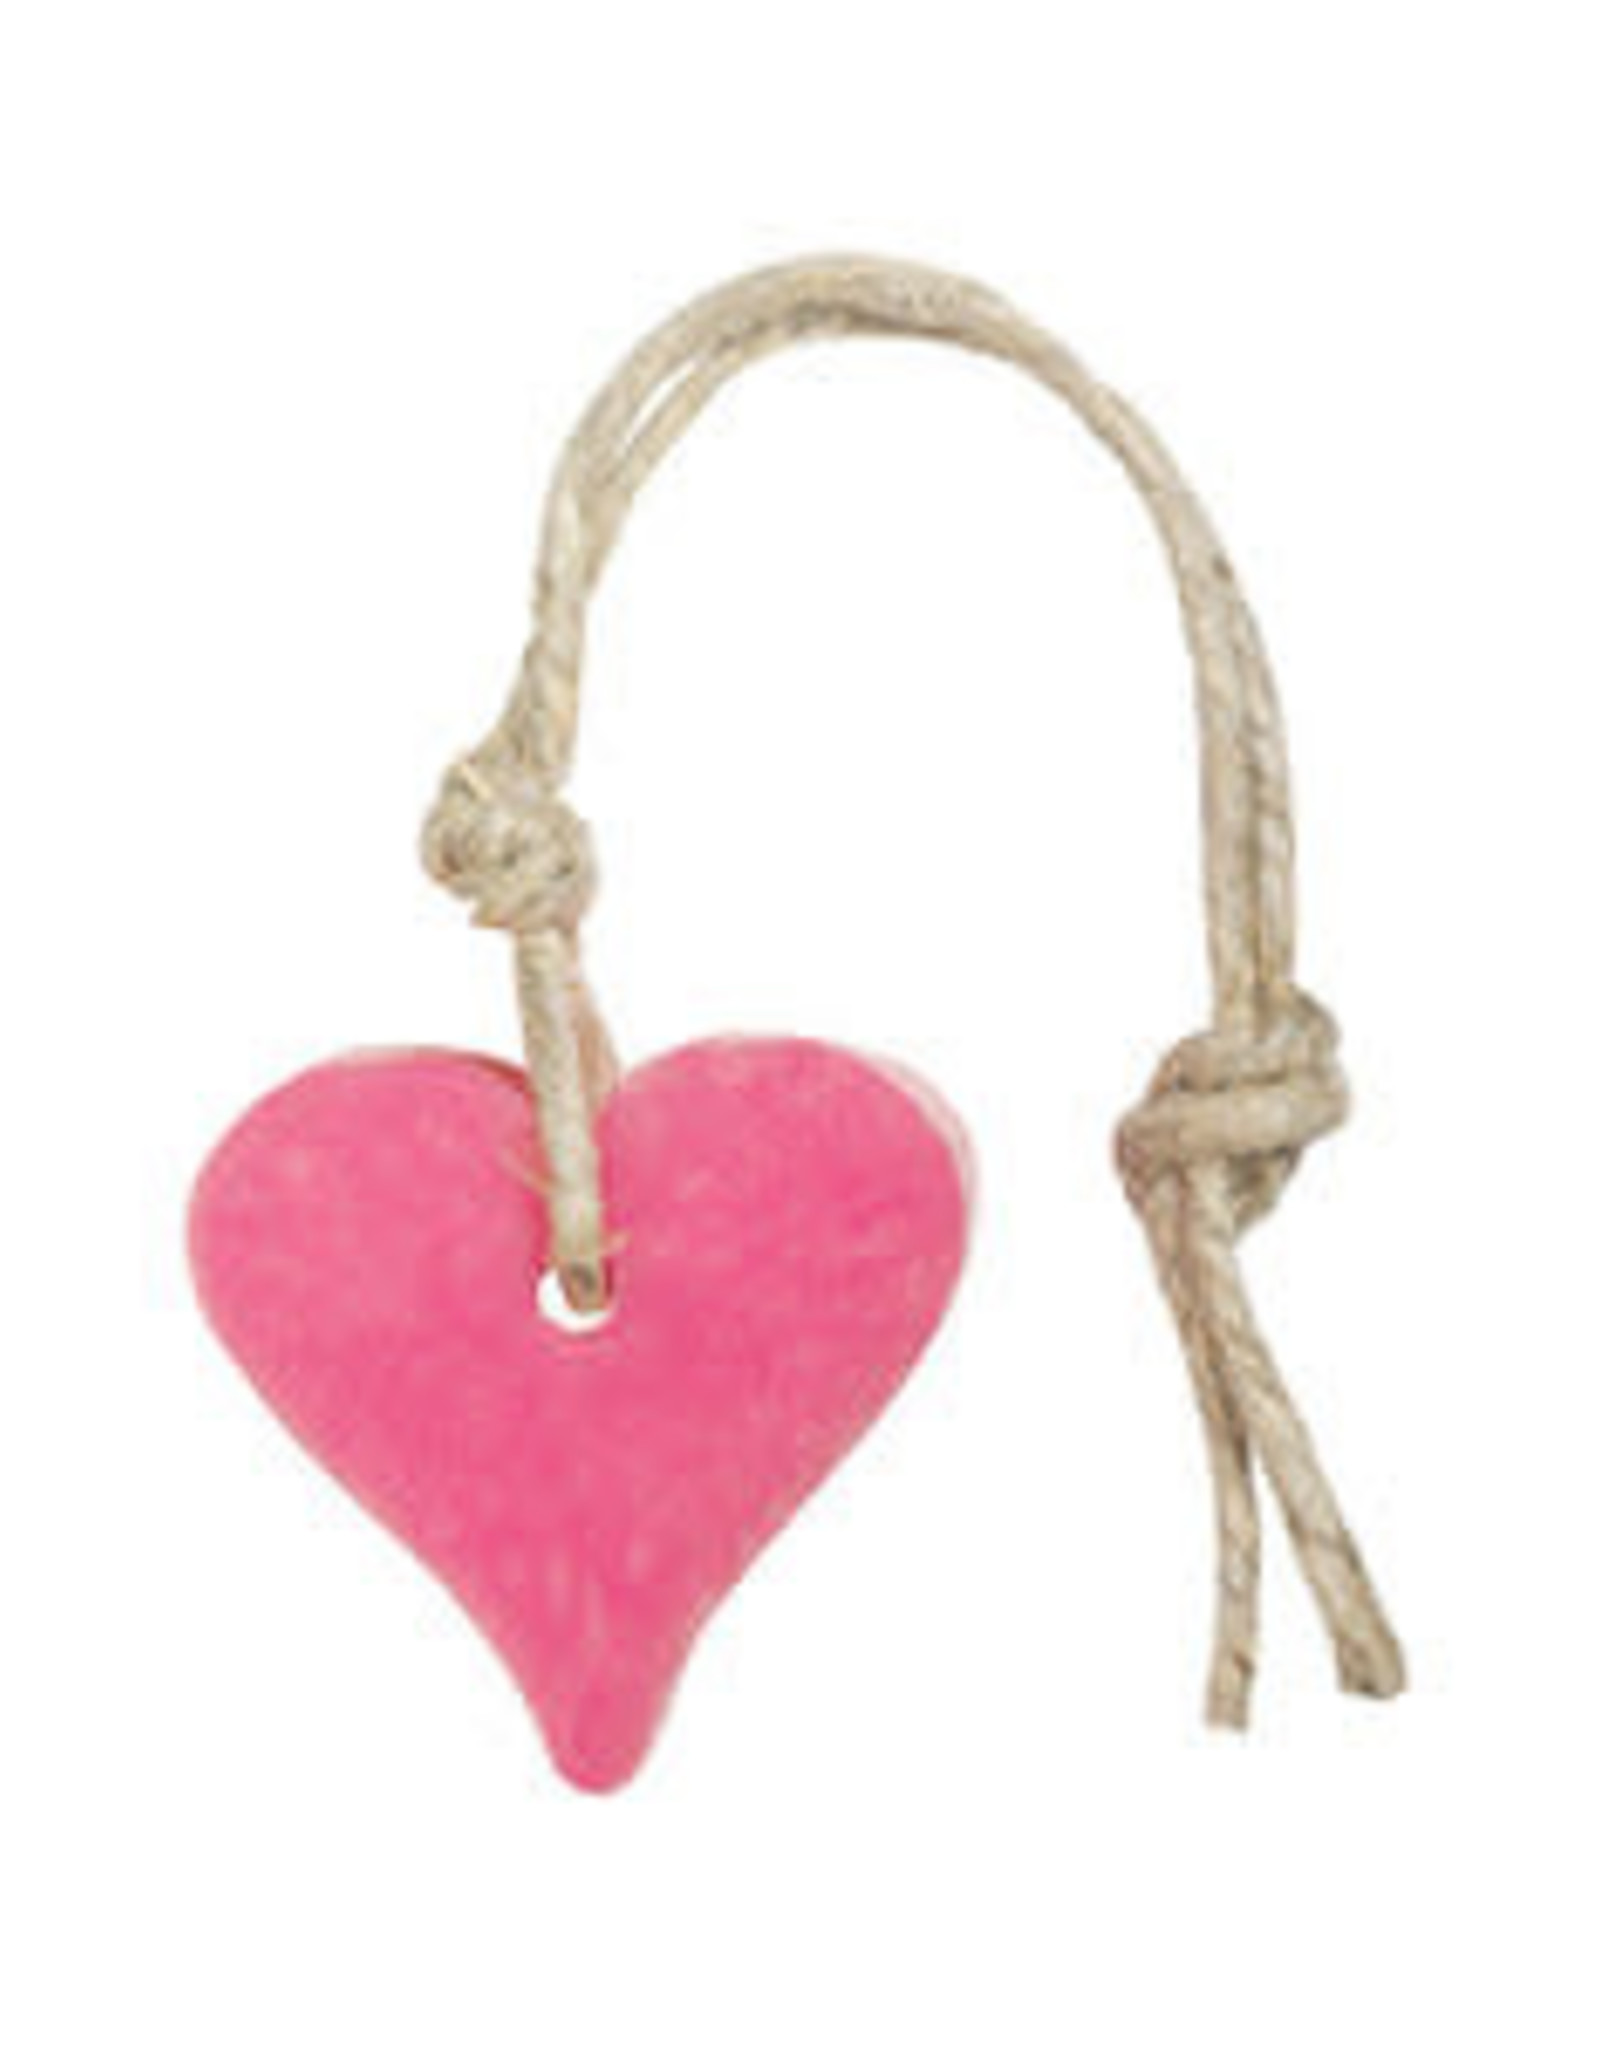 Mijn Stijl Mijn Stijl hart 55 gram roze